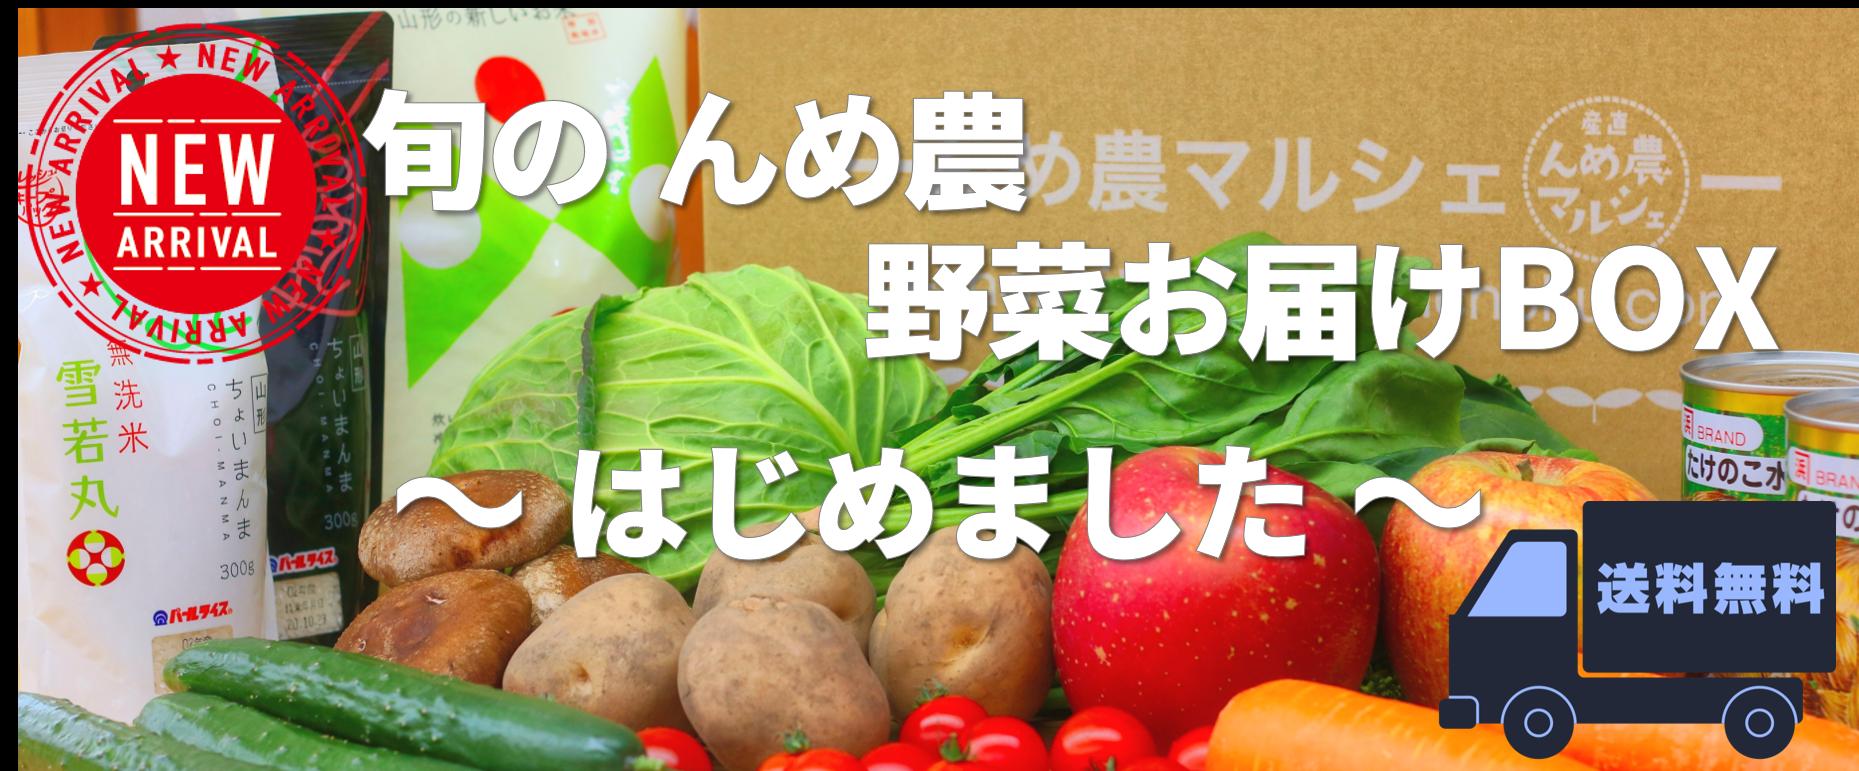 野菜お届けBOXはじめました